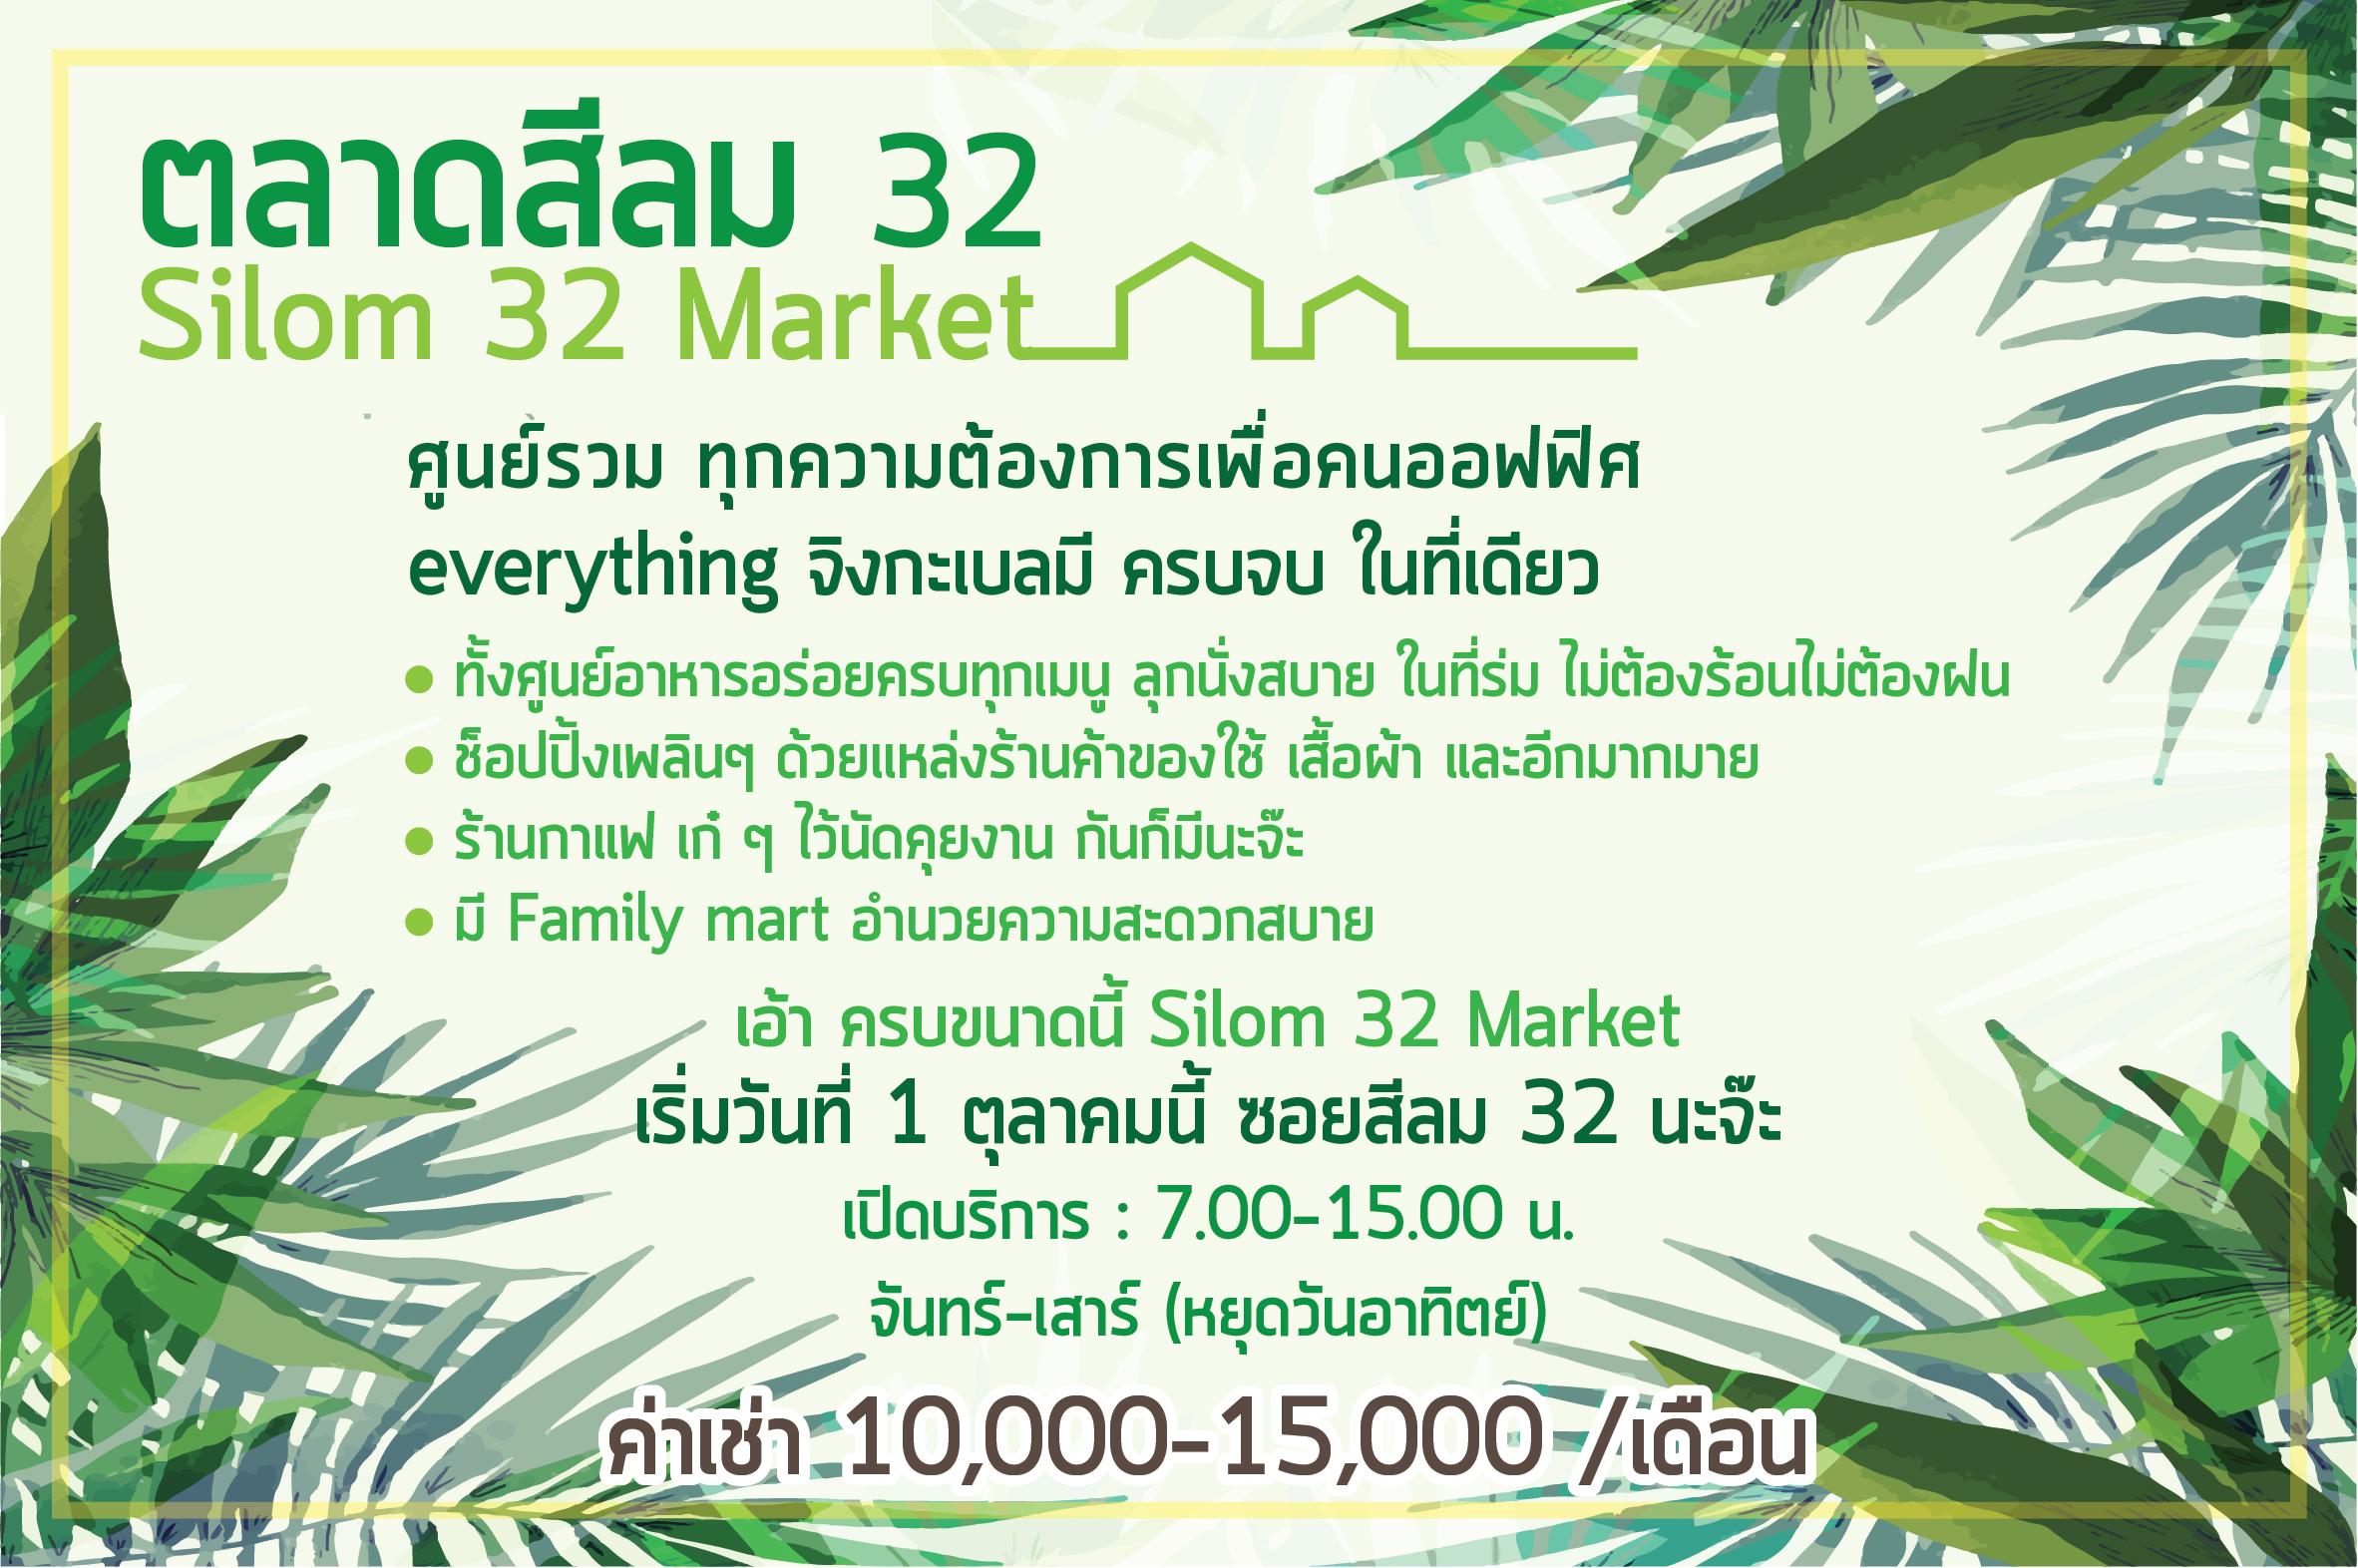 สีลม 32 Market